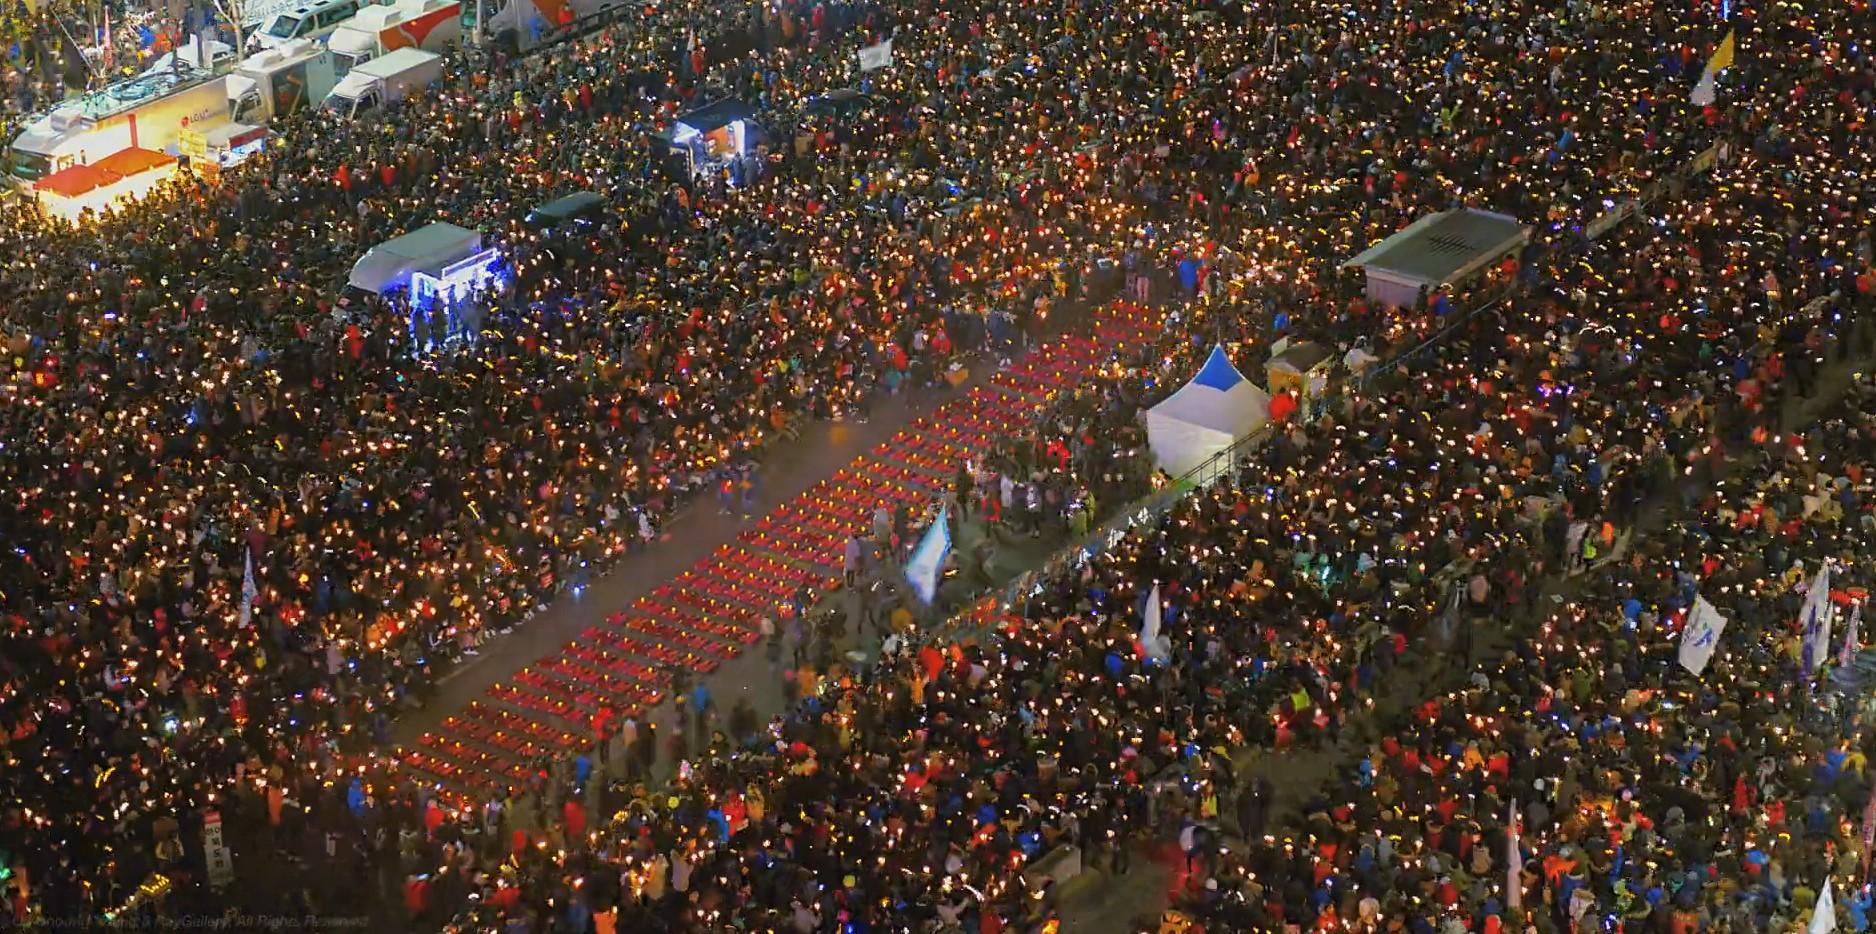 촛불 1년...적폐청산의 길 누가 막으려 하는가!